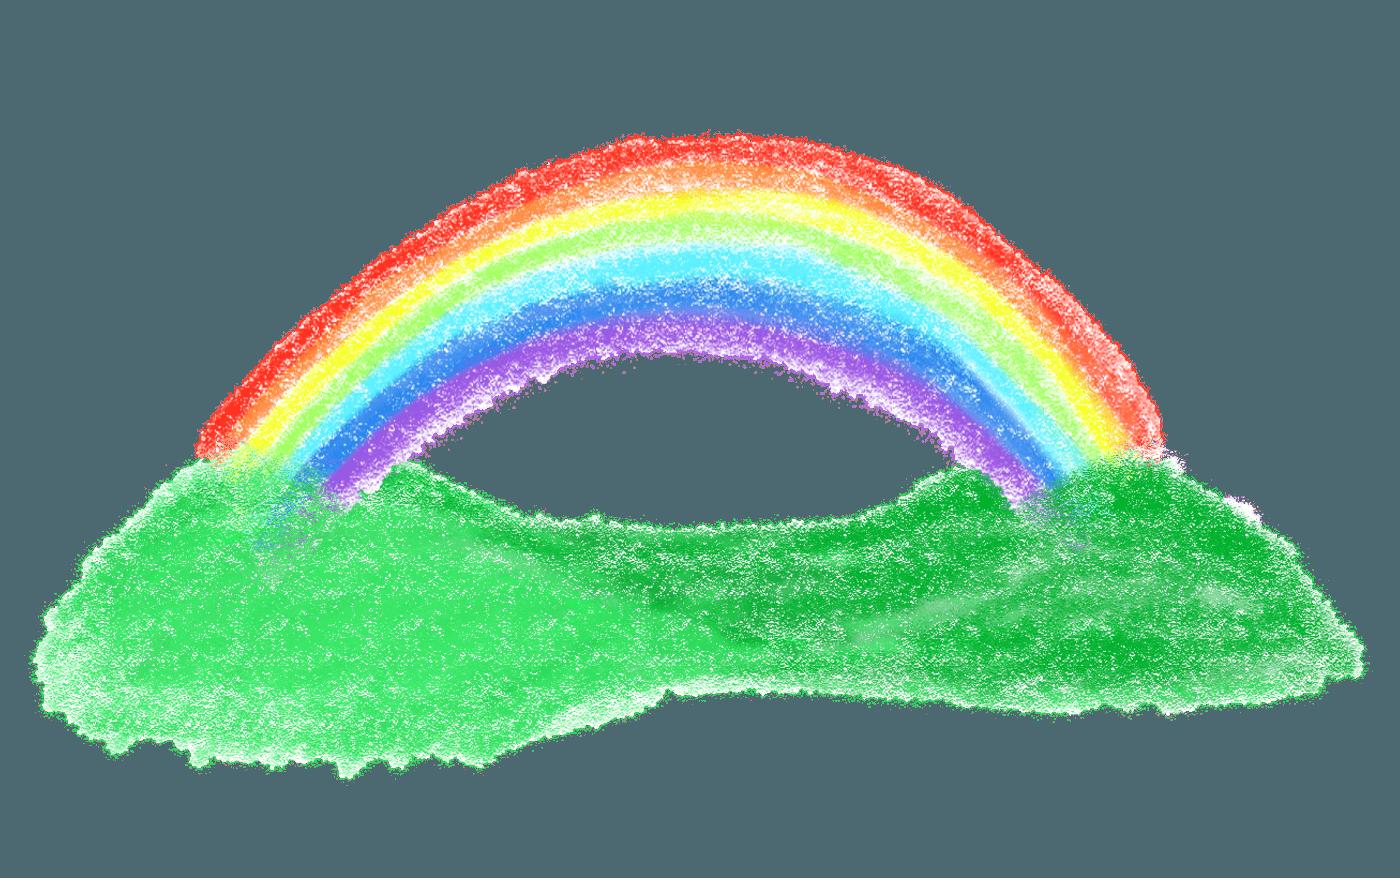 虹と山の色鉛筆画